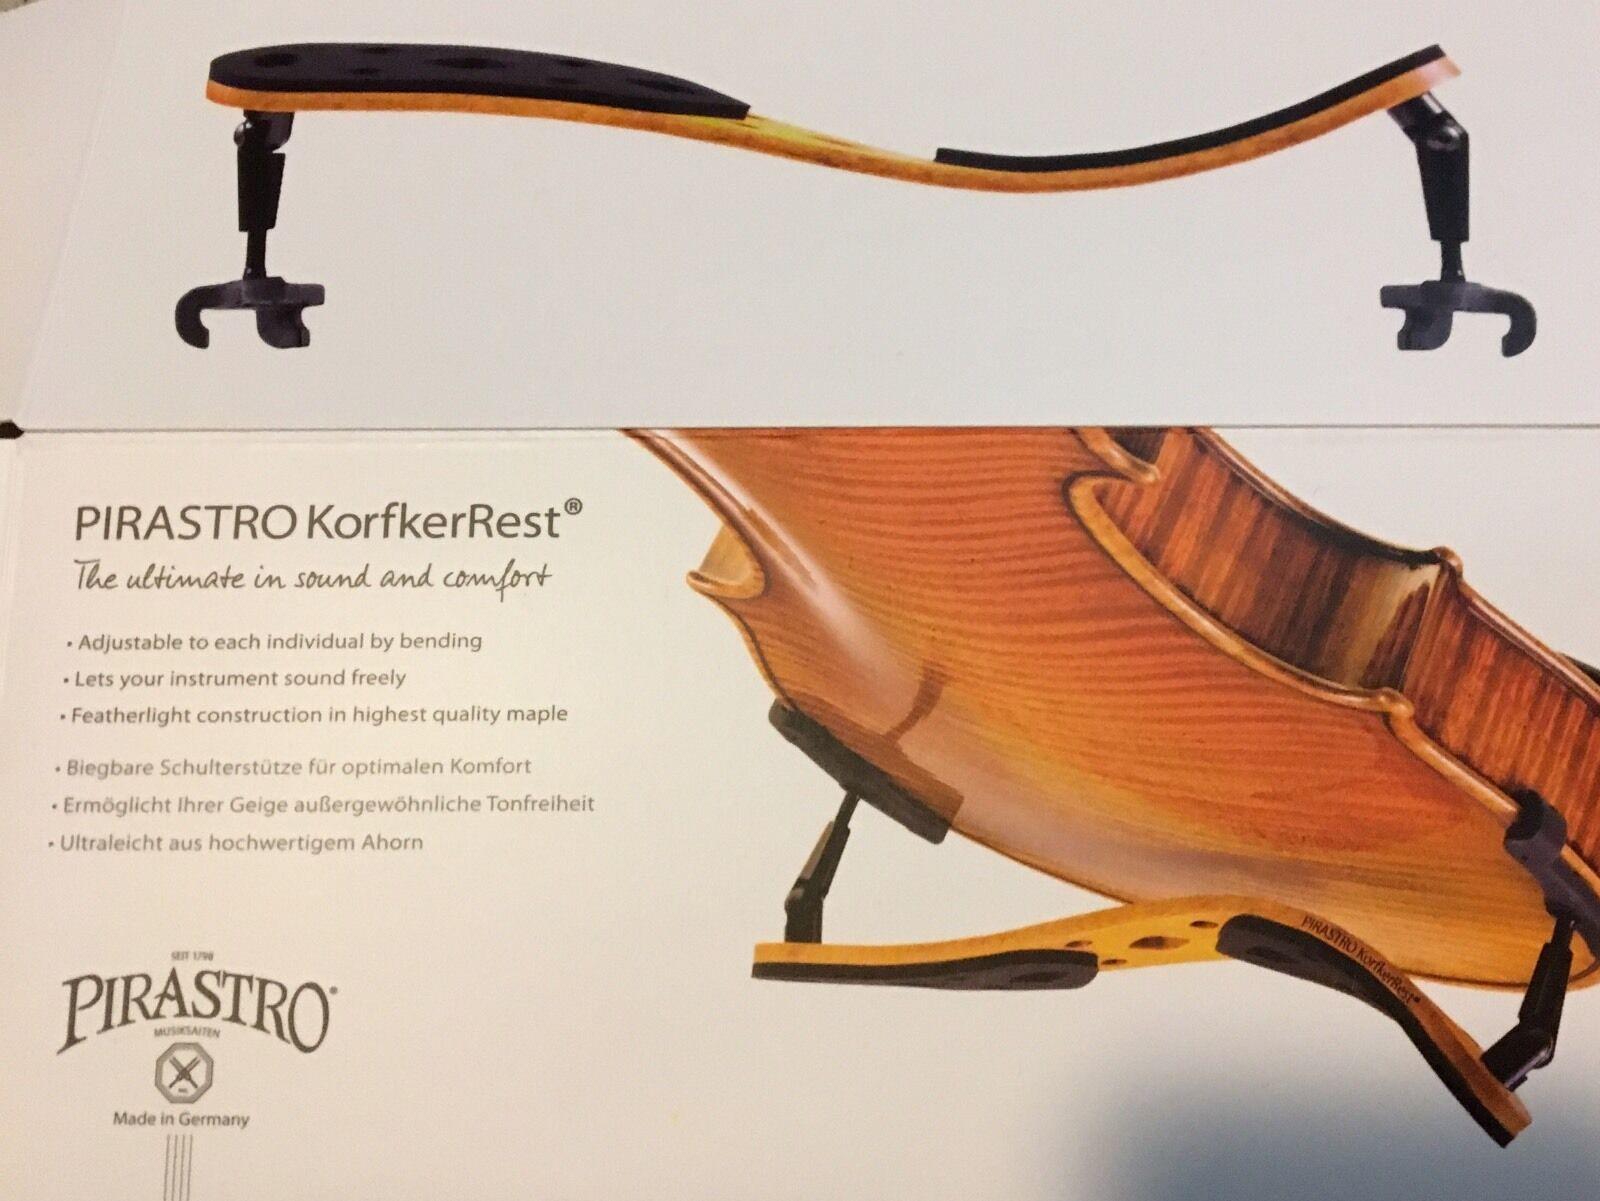 Pirastro KorfkerRest Korfker Violin Shoulder Rest Full Größe 4/4